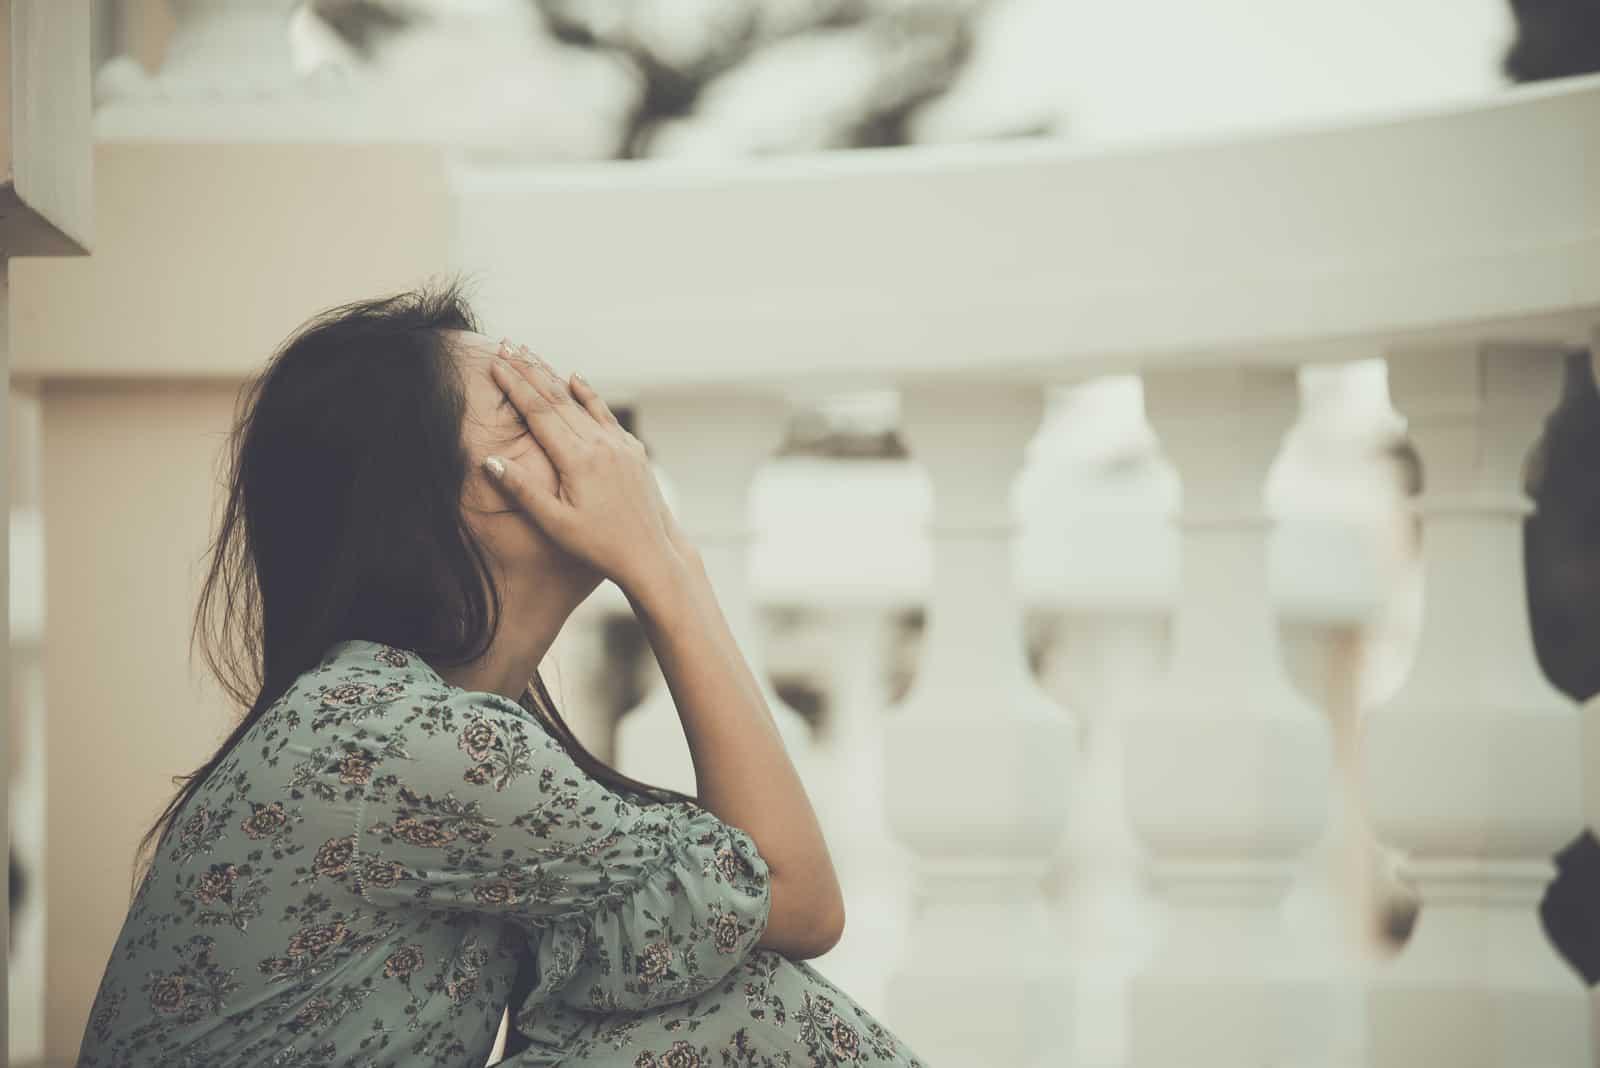 la femme s'assied et pleure